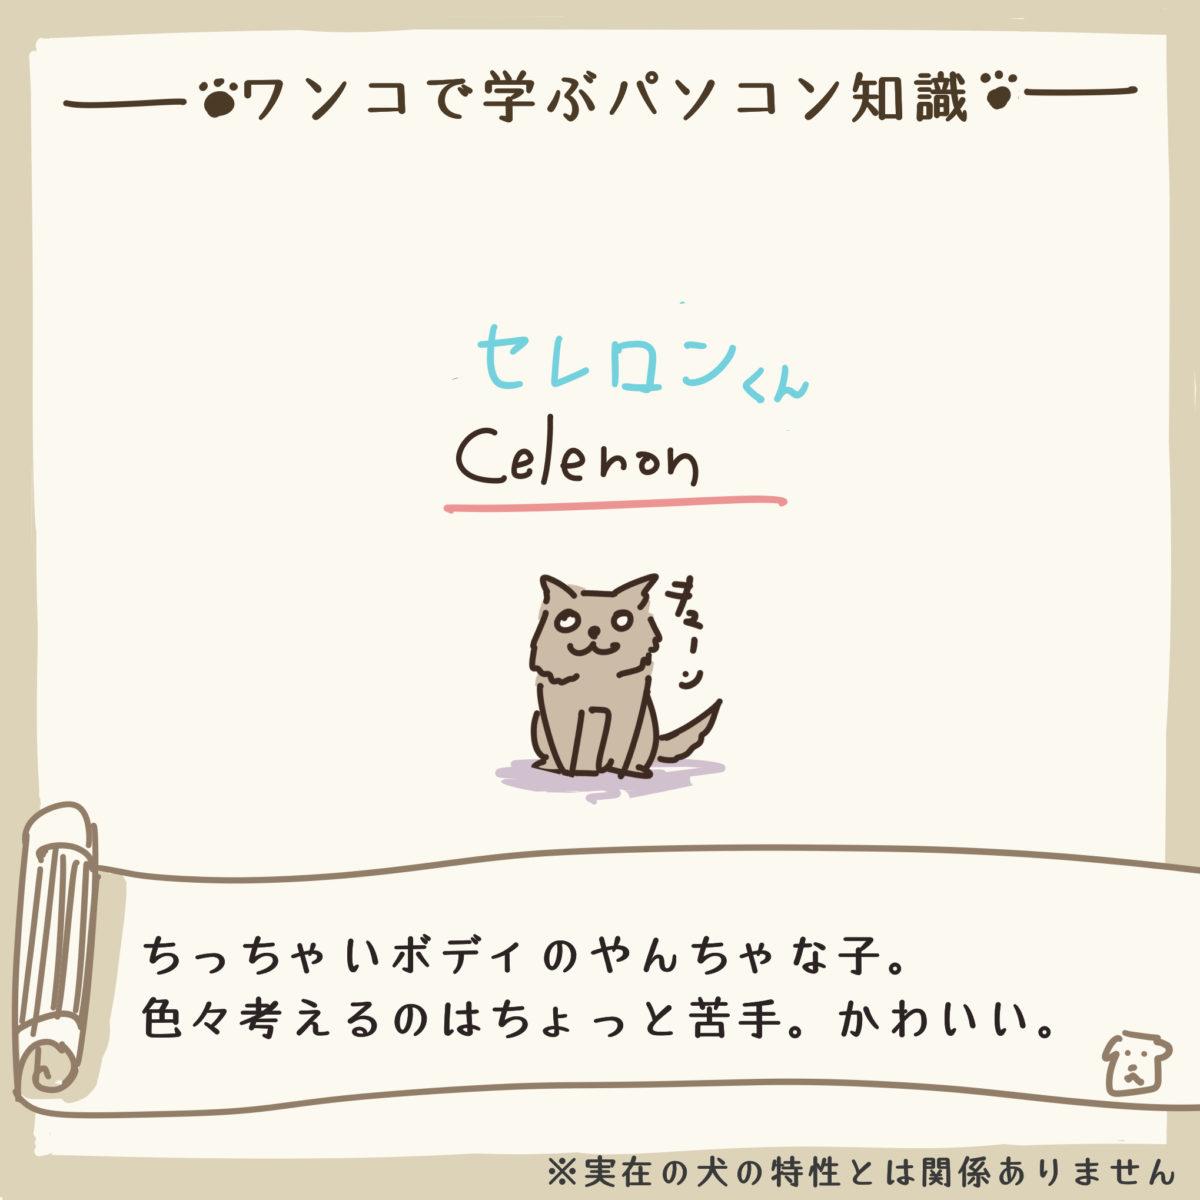 Celeron